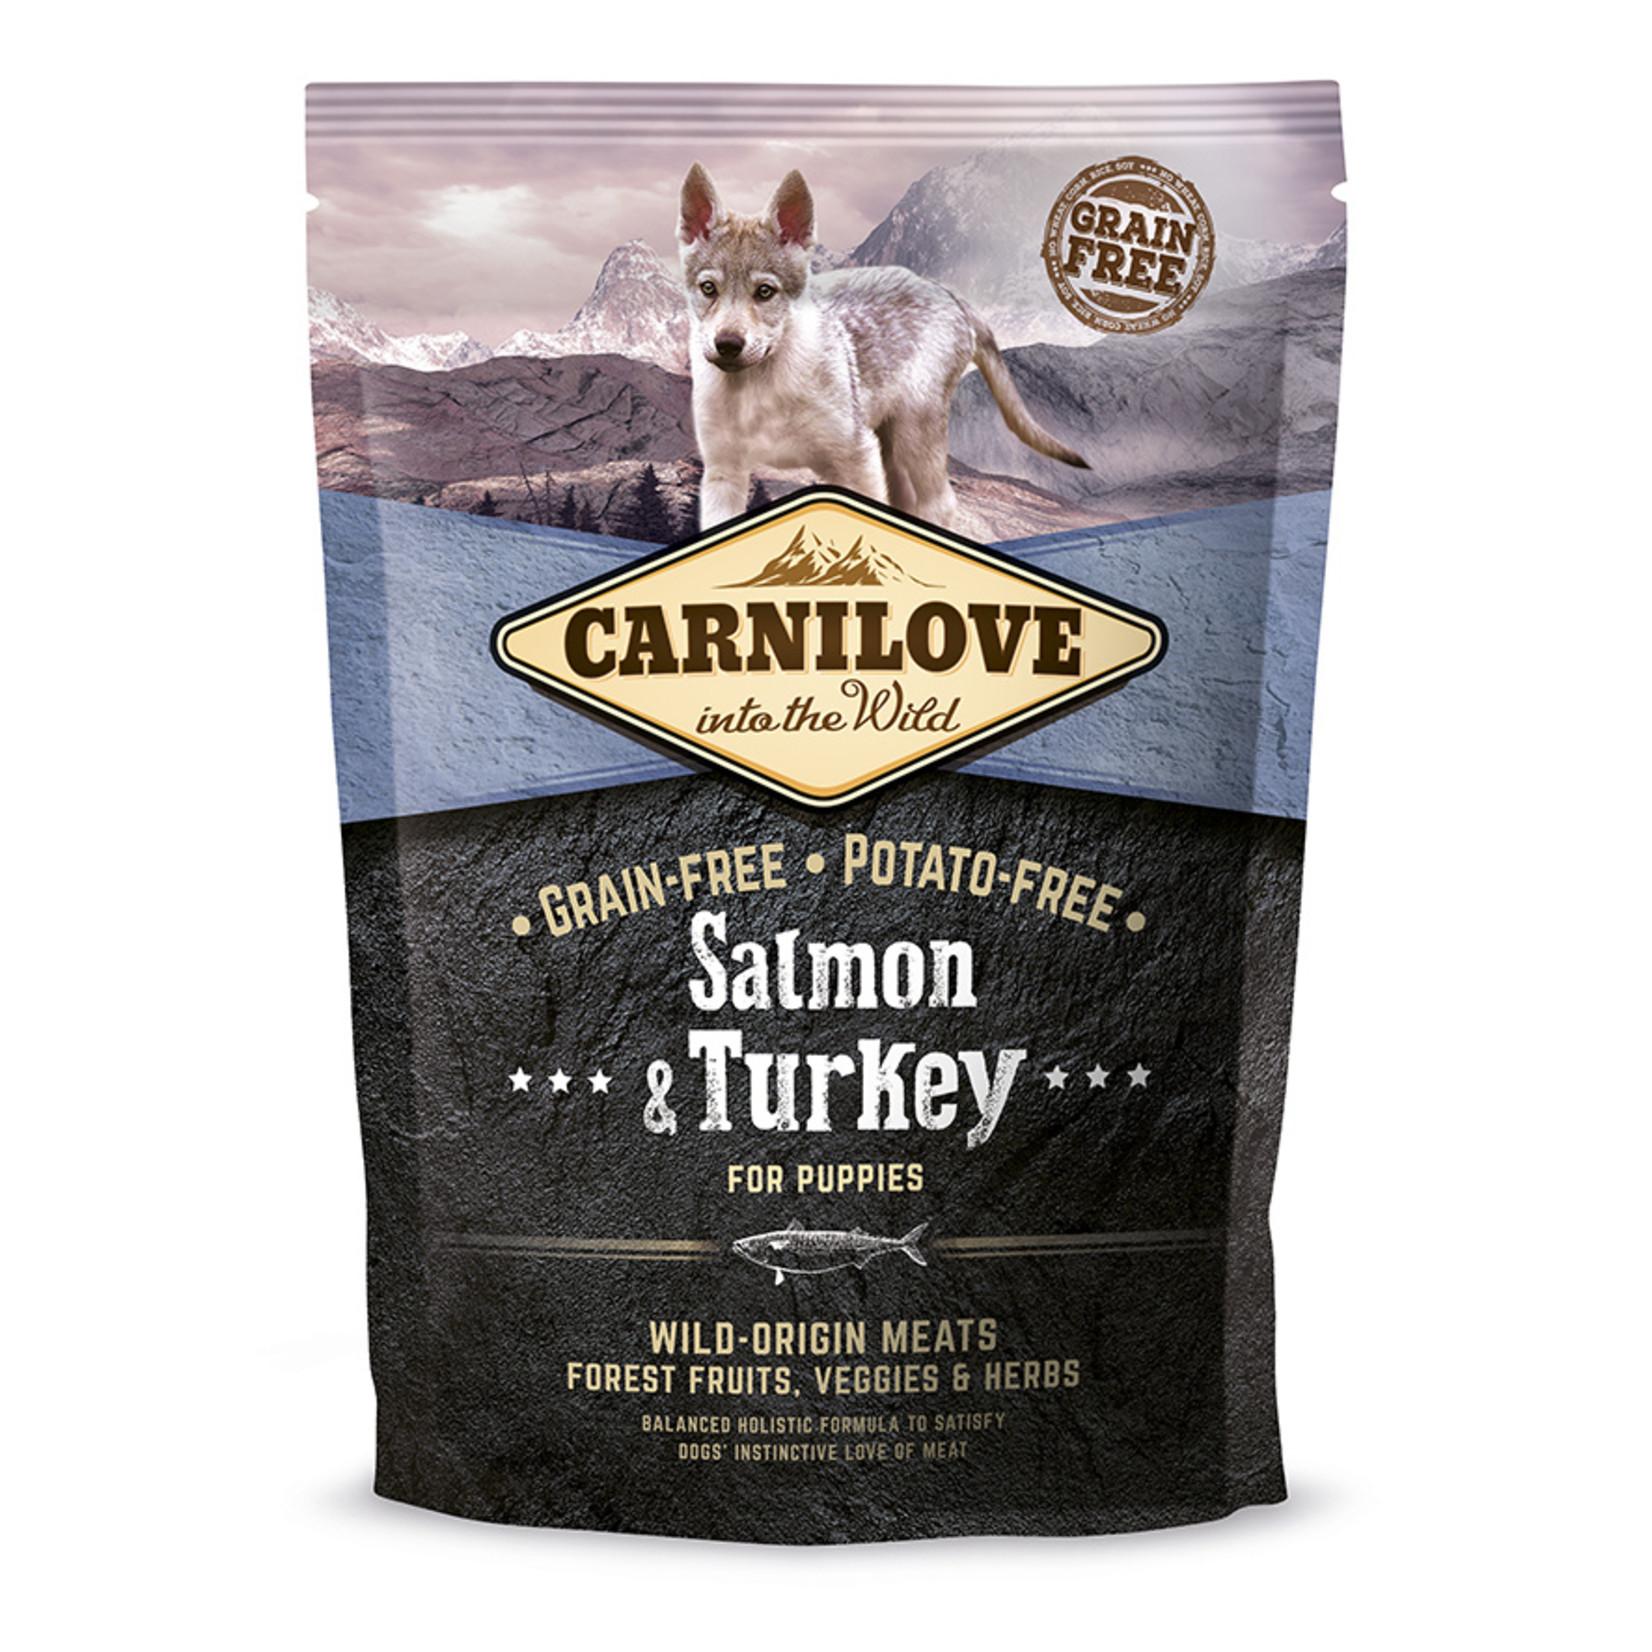 Carnilove Salmon & turkey puppies